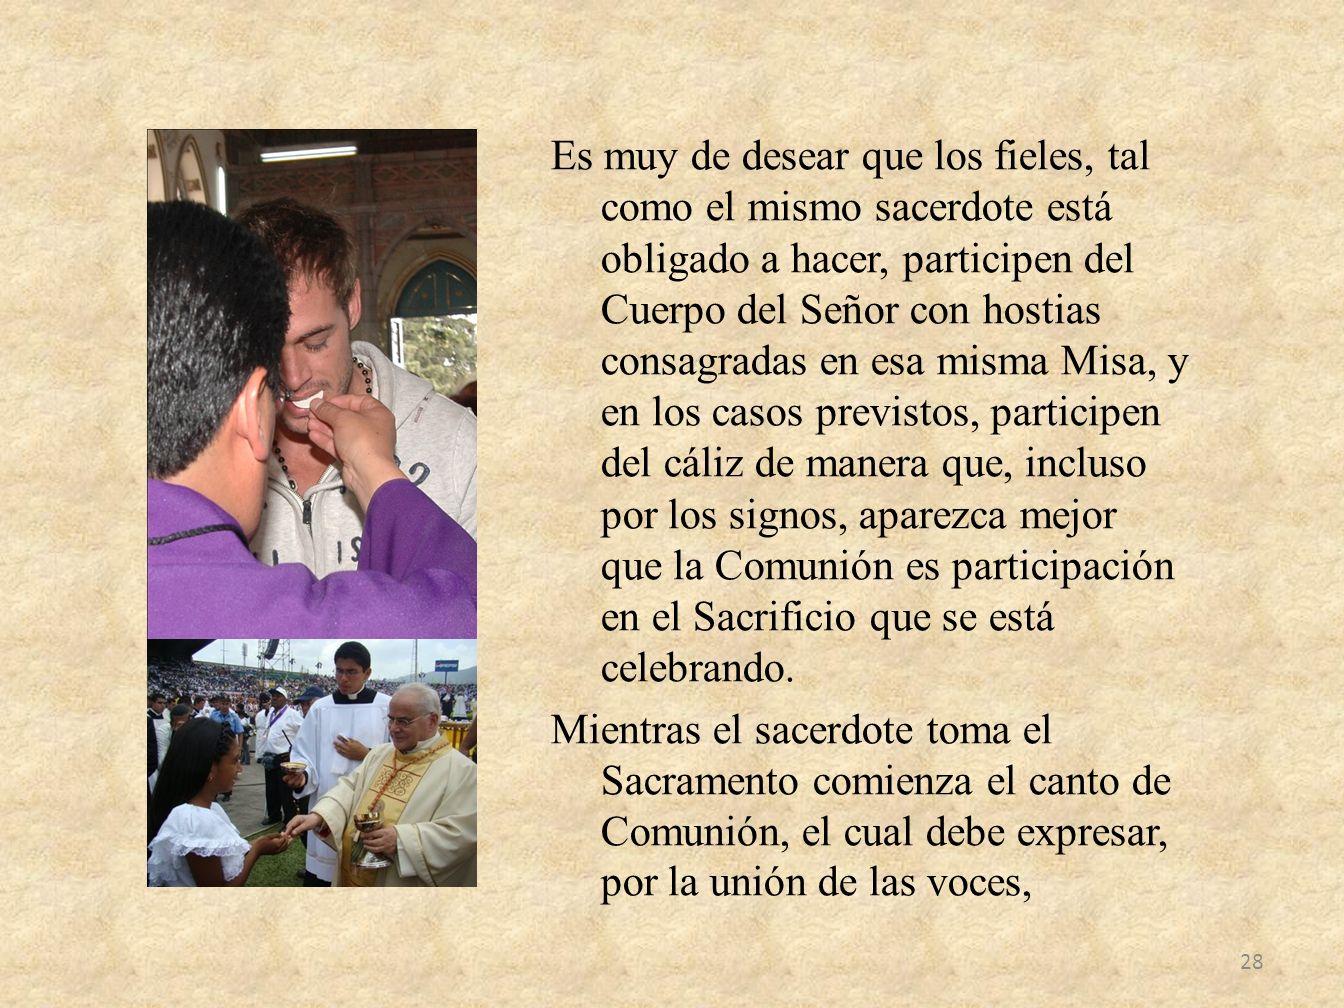 Es muy de desear que los fieles, tal como el mismo sacerdote está obligado a hacer, participen del Cuerpo del Señor con hostias consagradas en esa mis